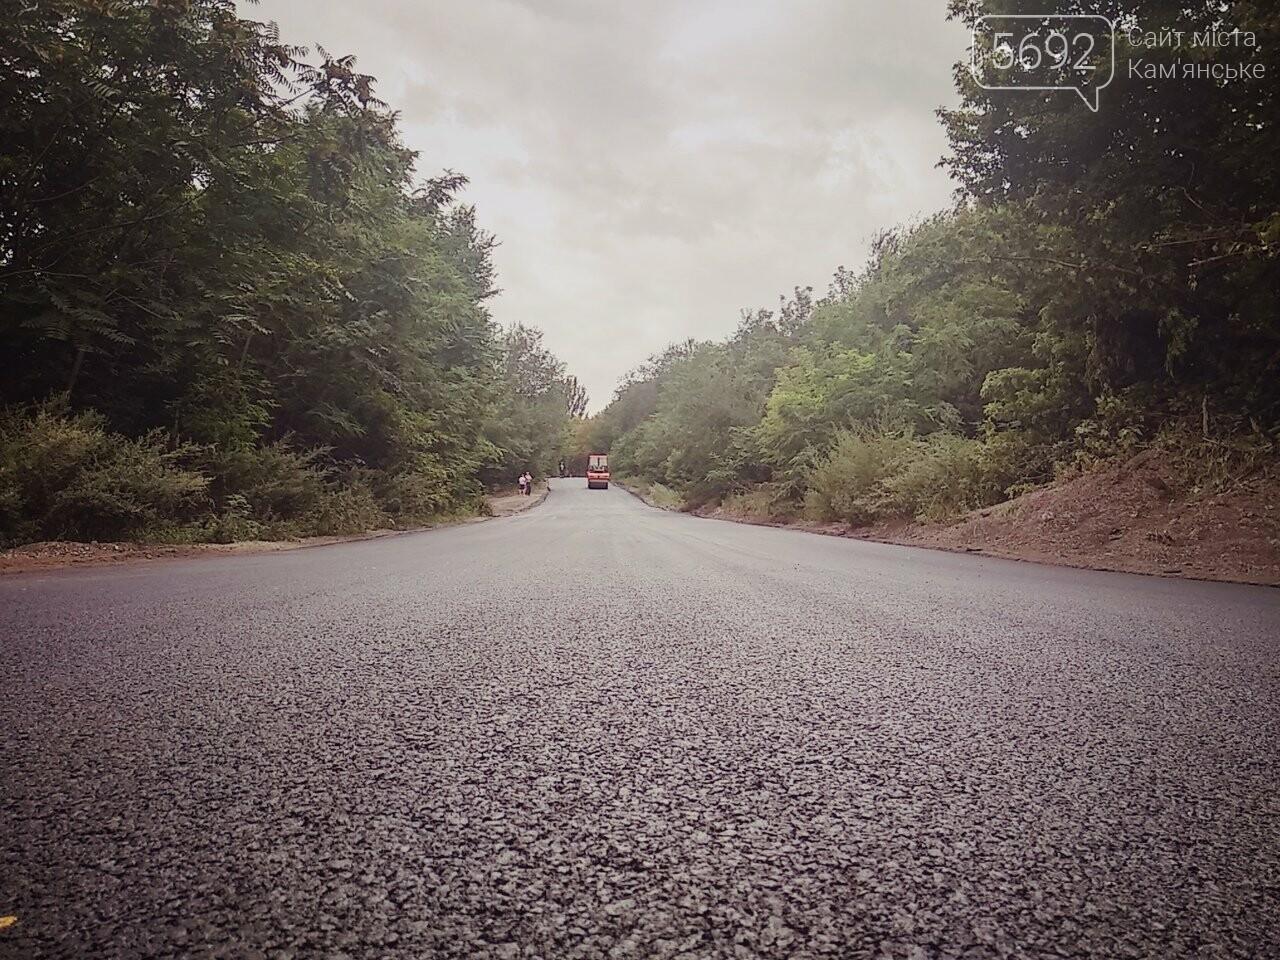 В Каменском капитально ремонтируют улицу, фото-6